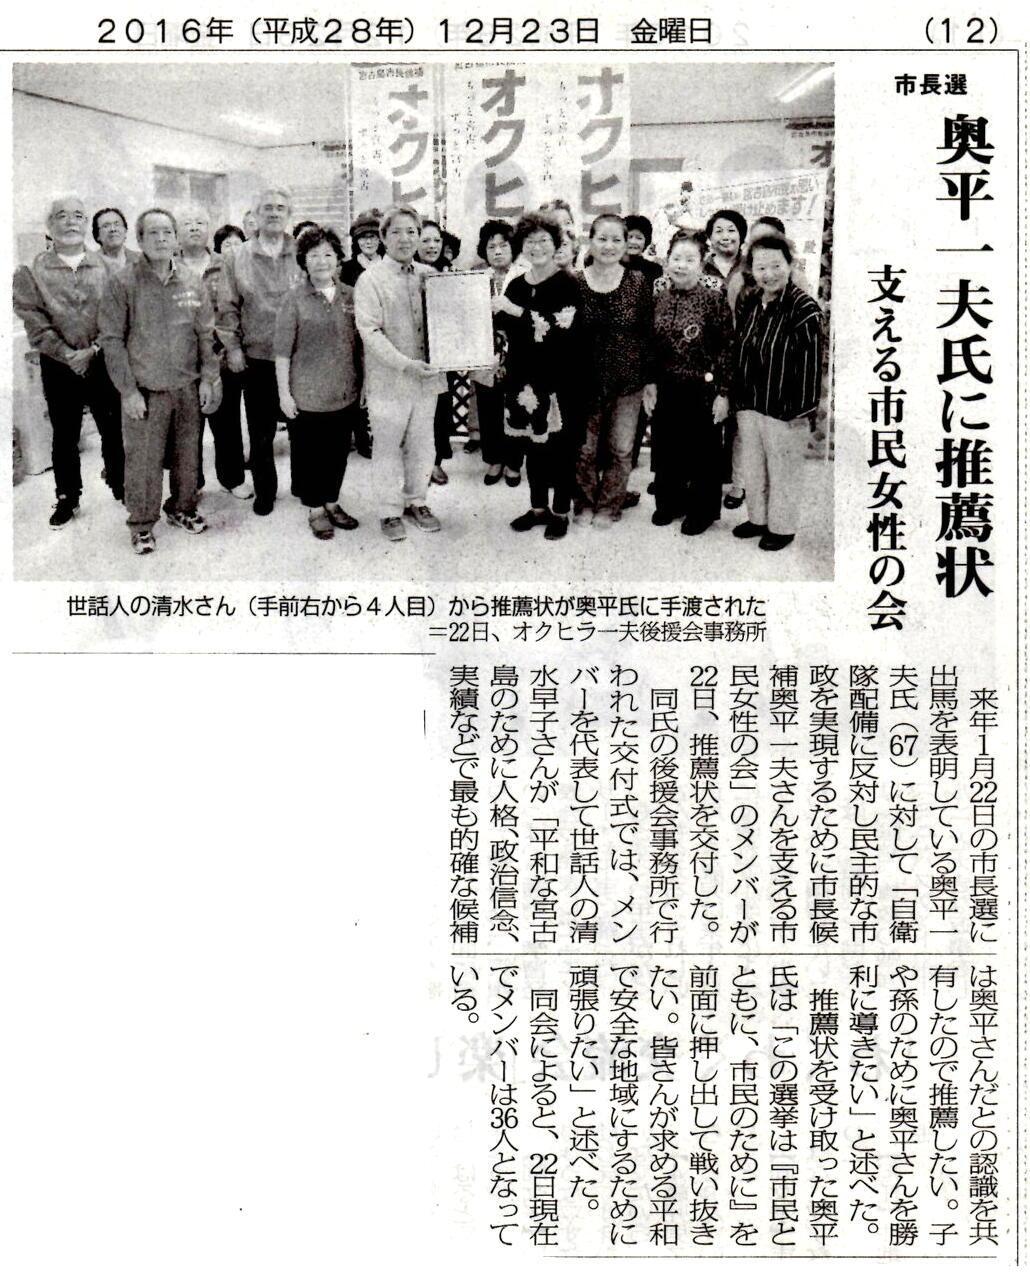 miyakomainichi2016 12232[1]